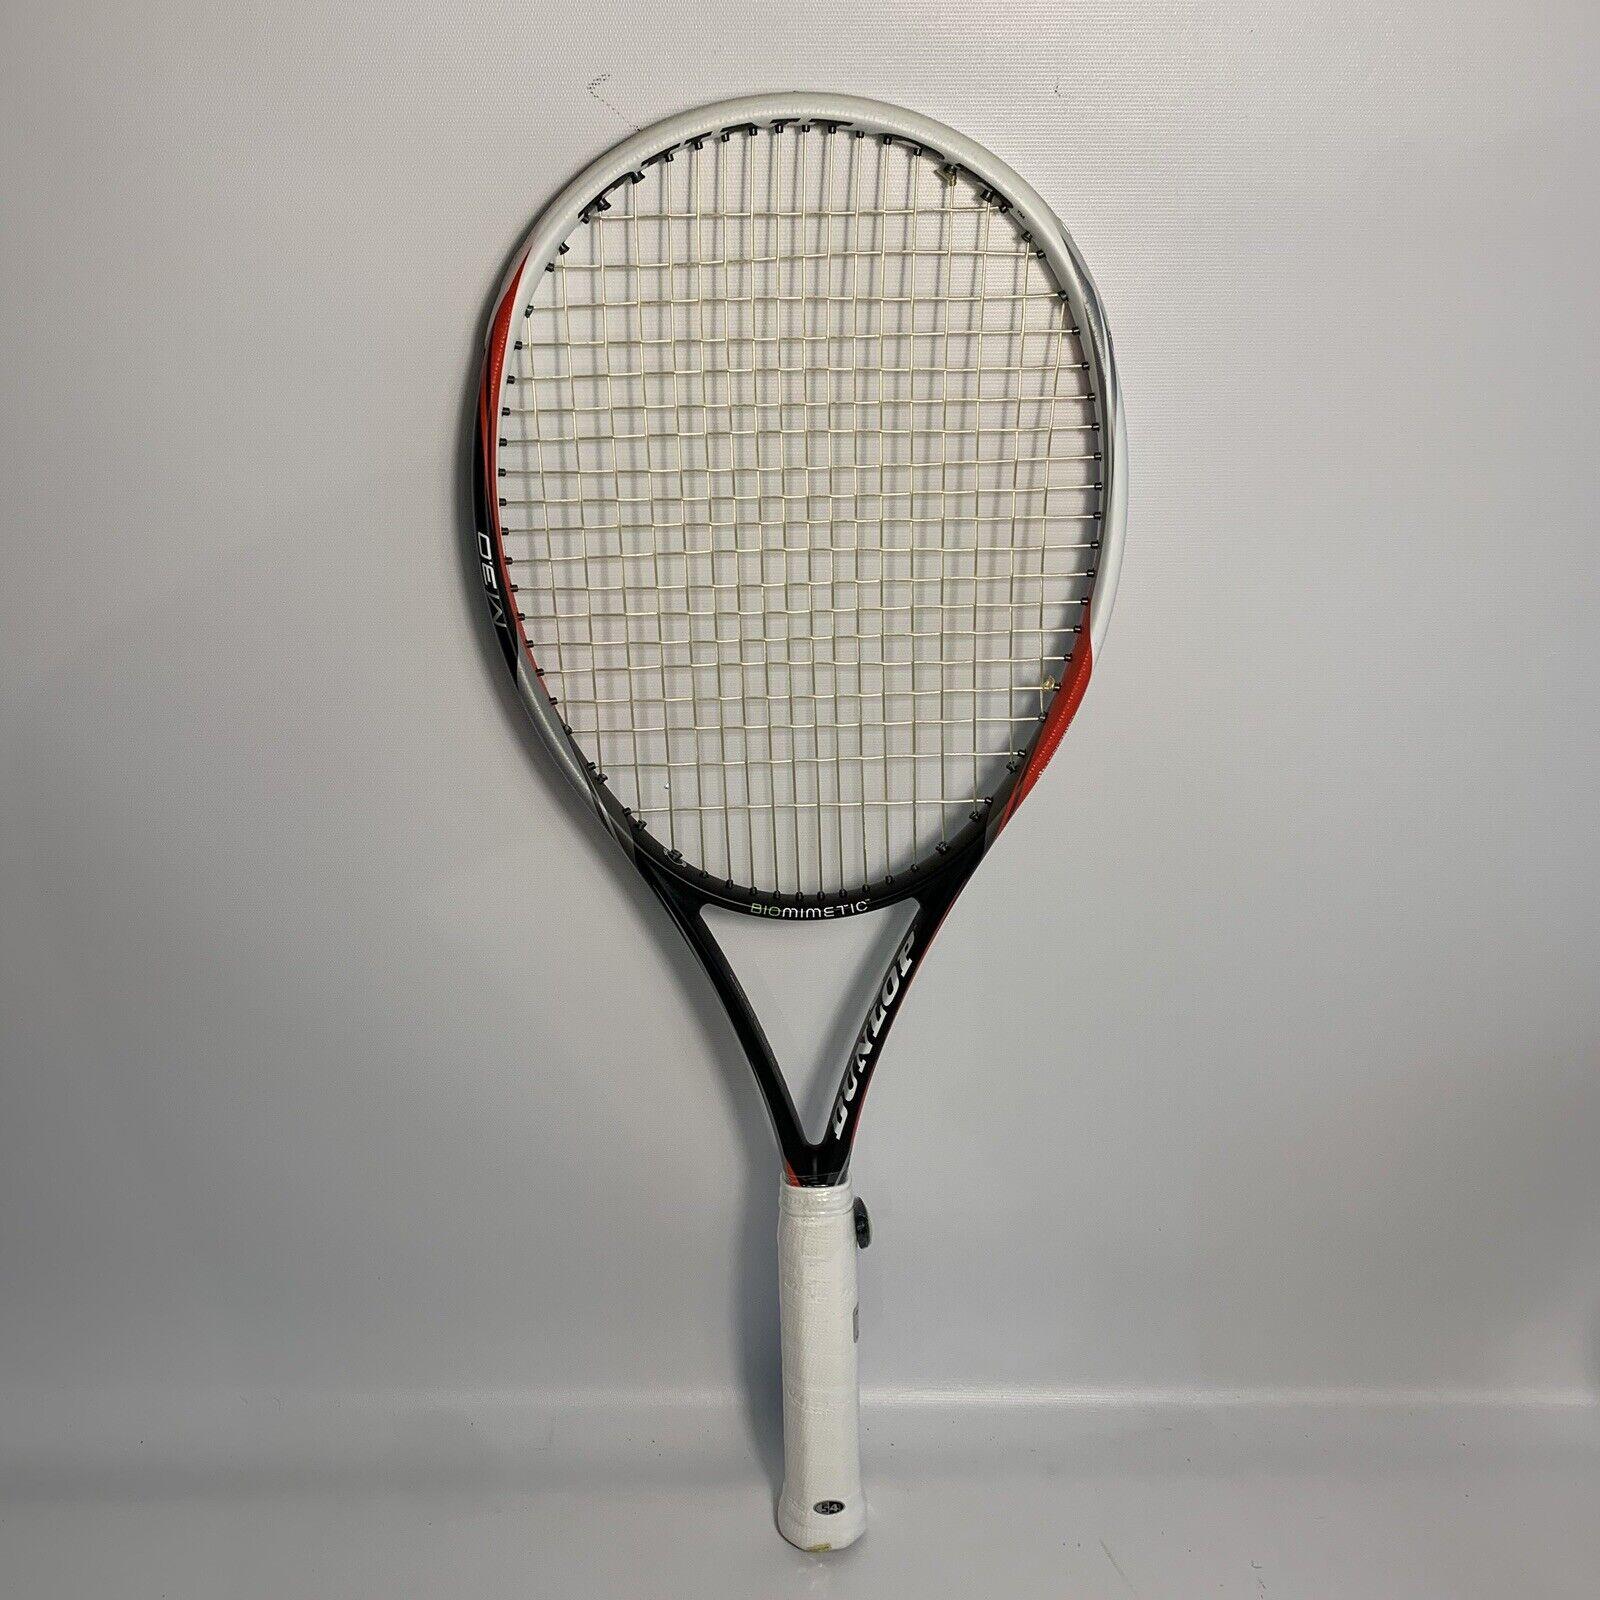 Dunlop biomiméticos M3.0 tenis raqueta 98 Sq. 4  5 8  Pulgadas-Nuevo  venta mundialmente famosa en línea